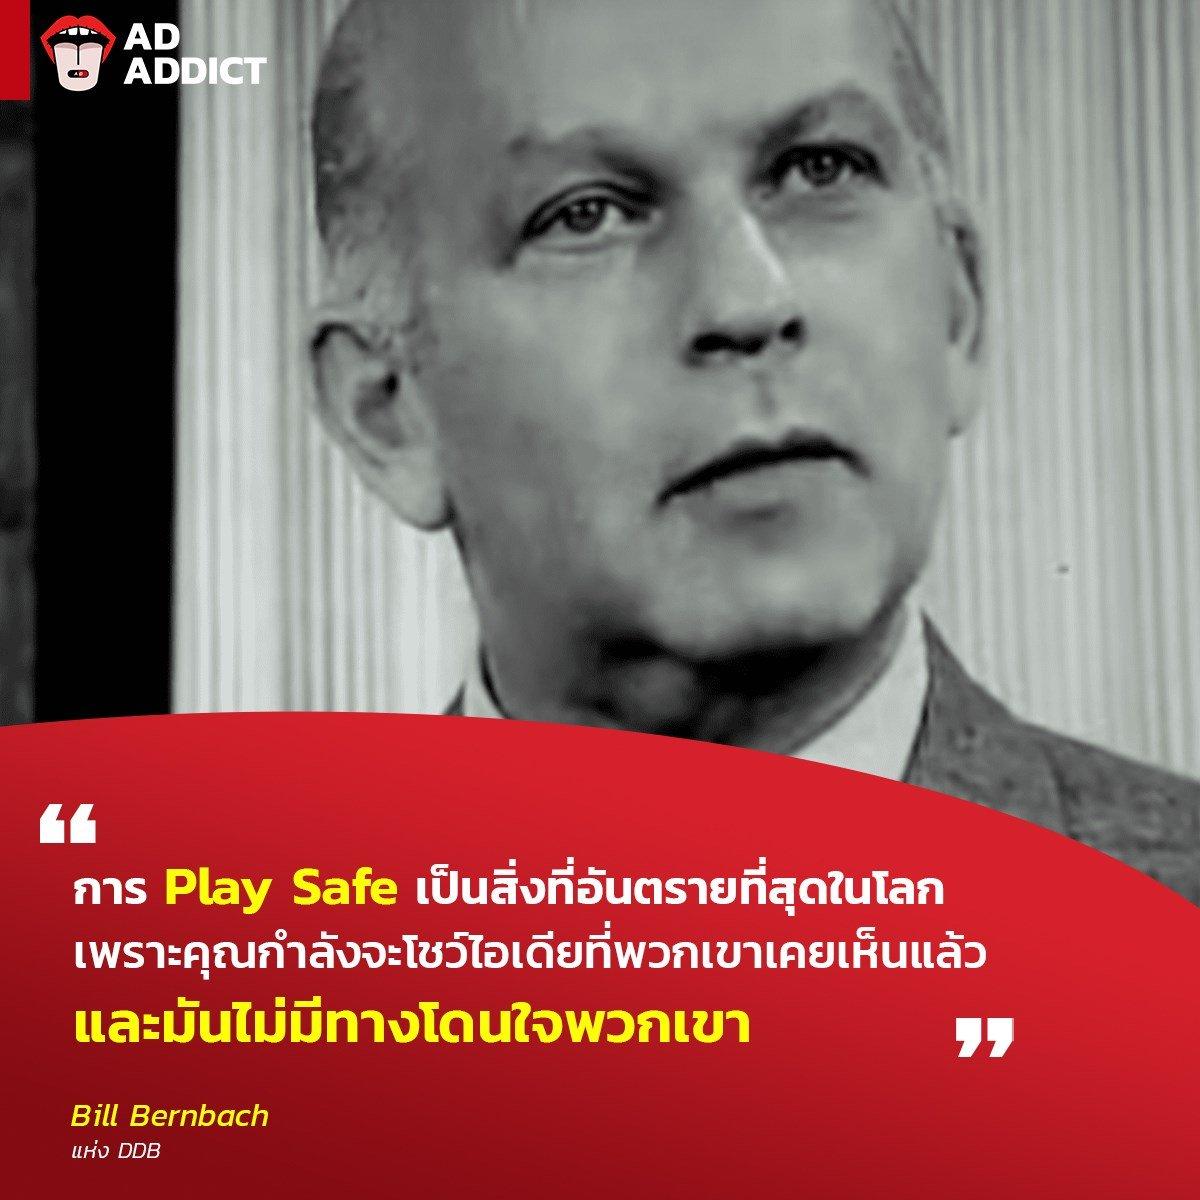 """""""การ Play Safe เป็นสิ่งที่อันตรายที่สุดในโลก เพราะคุณกำลังจะโชว์ไอเดียที่พวกเขาเคยเห็นแล้ว และมันไม่มีทางโดนใจพวกเขา""""  - Bill Bernbach แห่ง DDB  อ่านและชมเรื่องราวของ Bill Bernbach ได้ที่ >>   #AdAddict #Quote #DDB"""